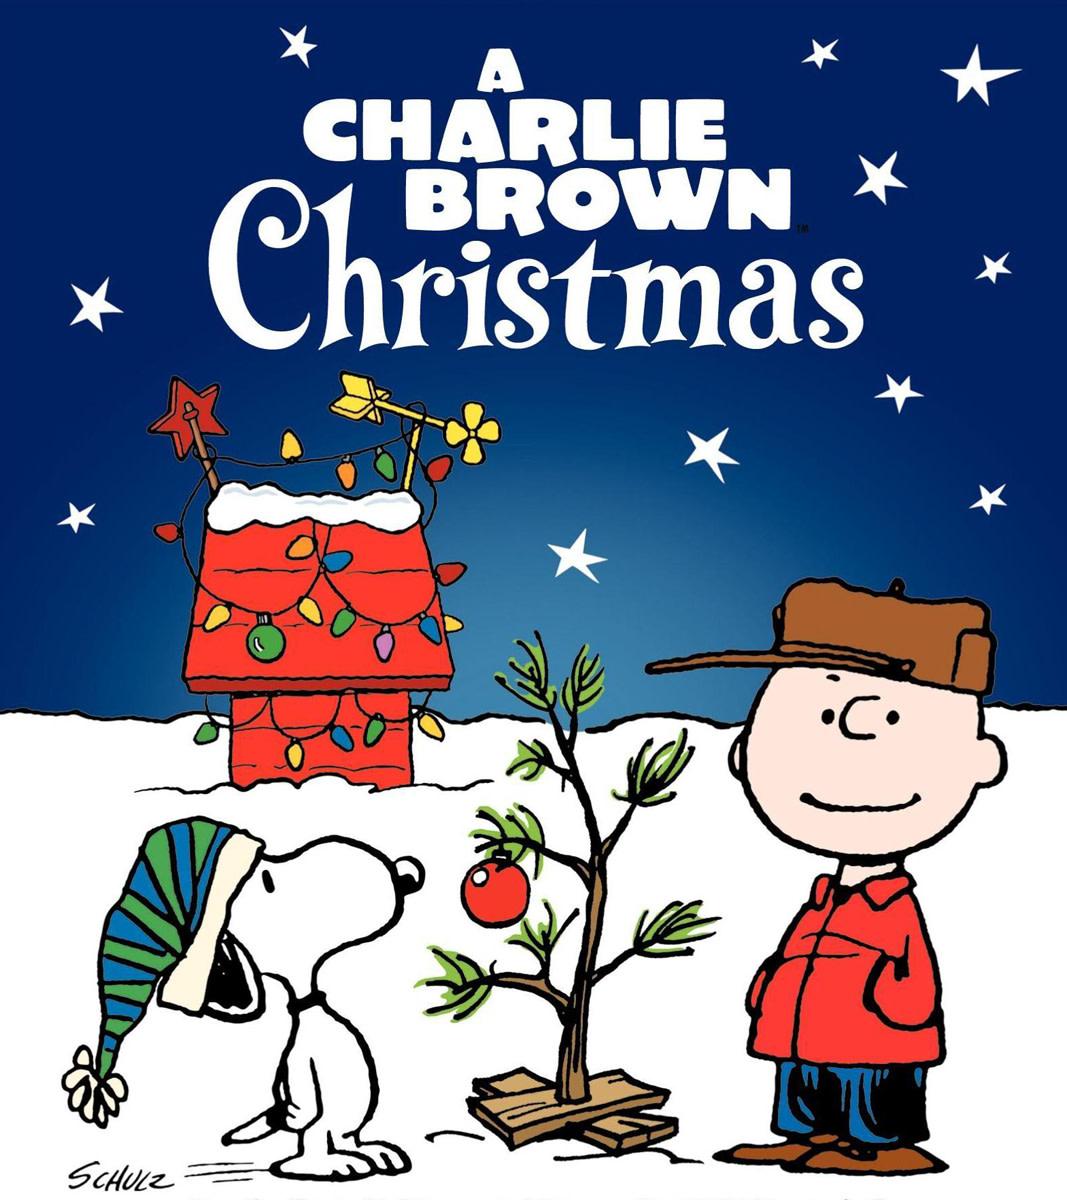 Ad for Charlie Brown Christmas